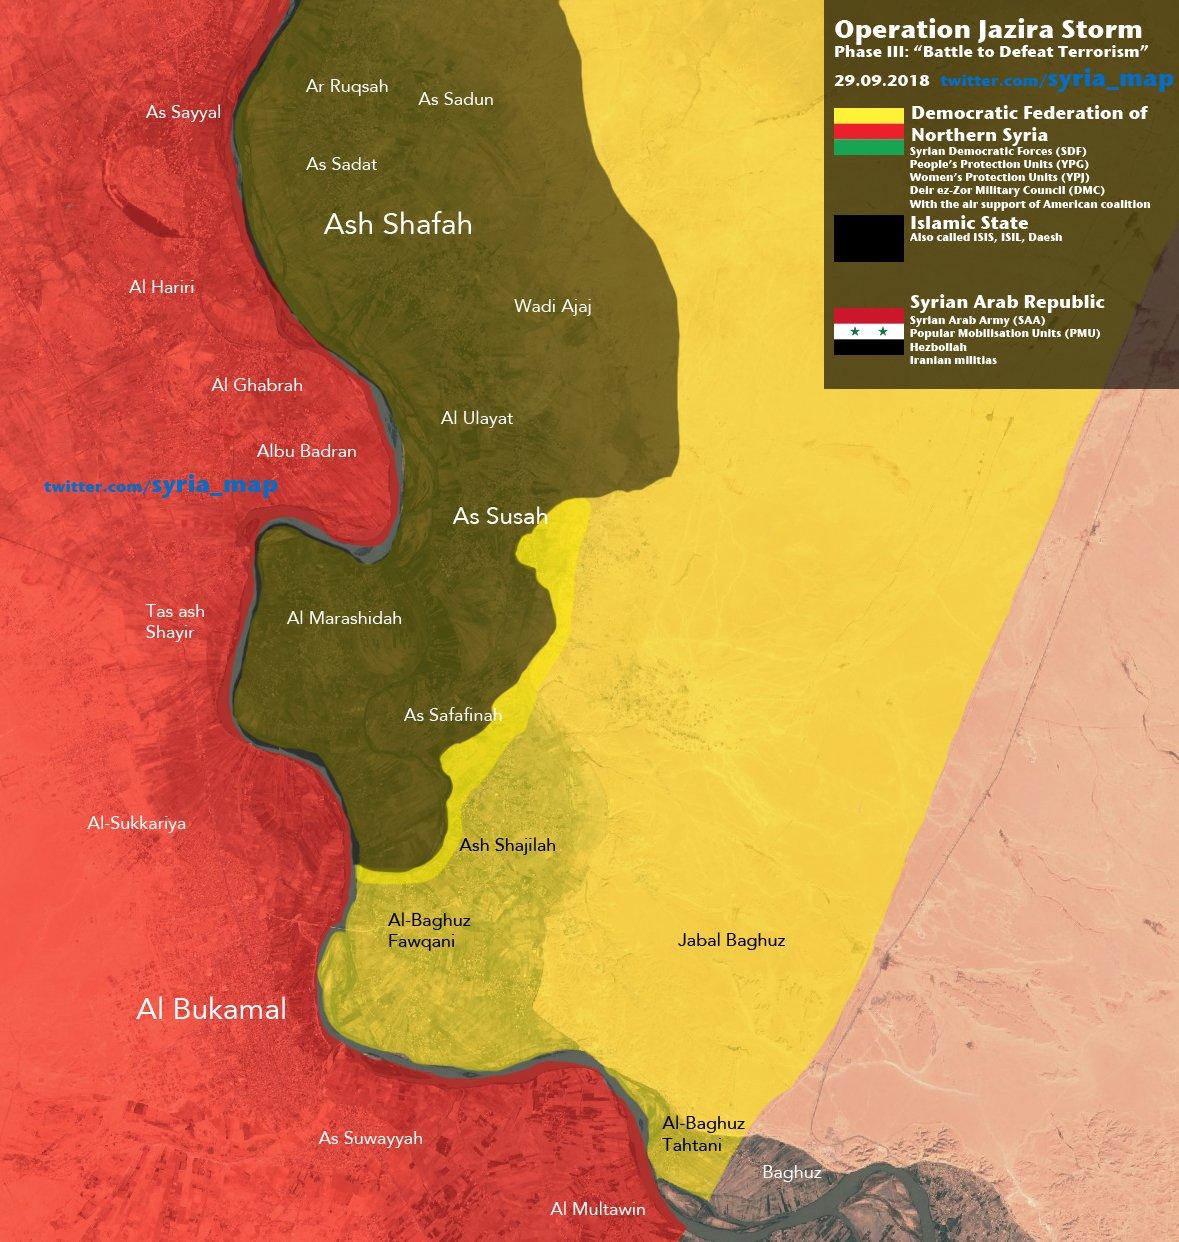 Aktuální vojenská situace v oblasti operace Jazira Storm – jihovýchod Sýrie